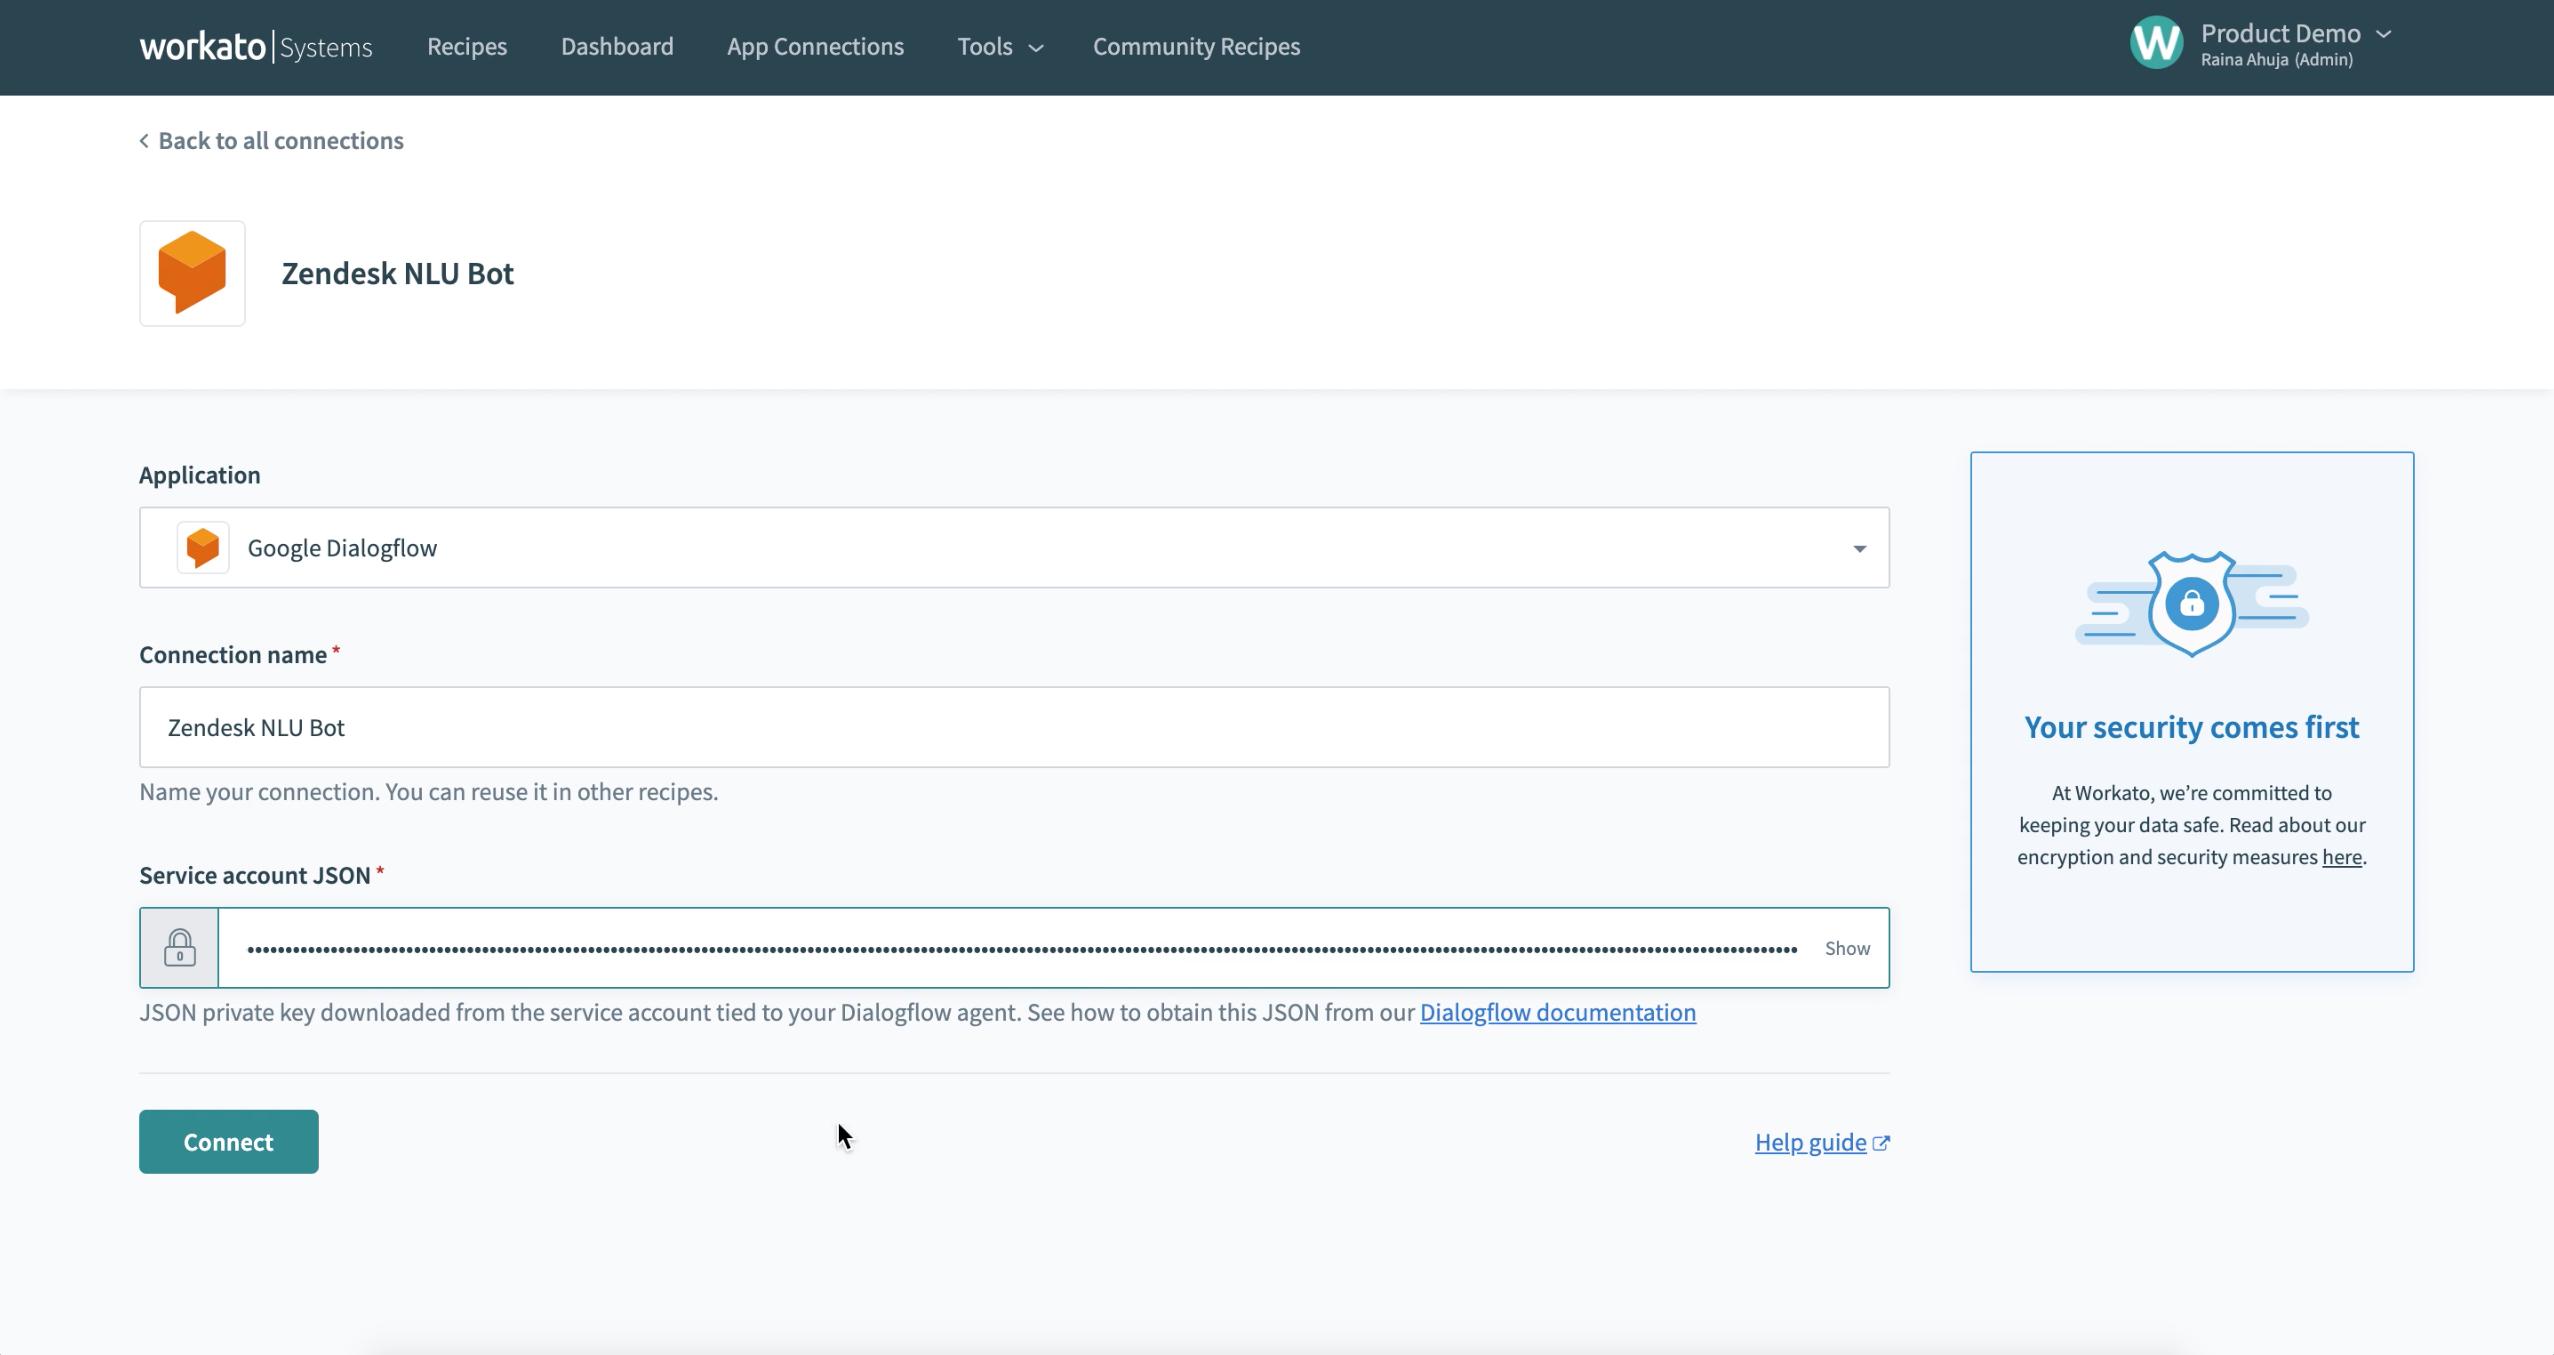 Dialogflow authentication